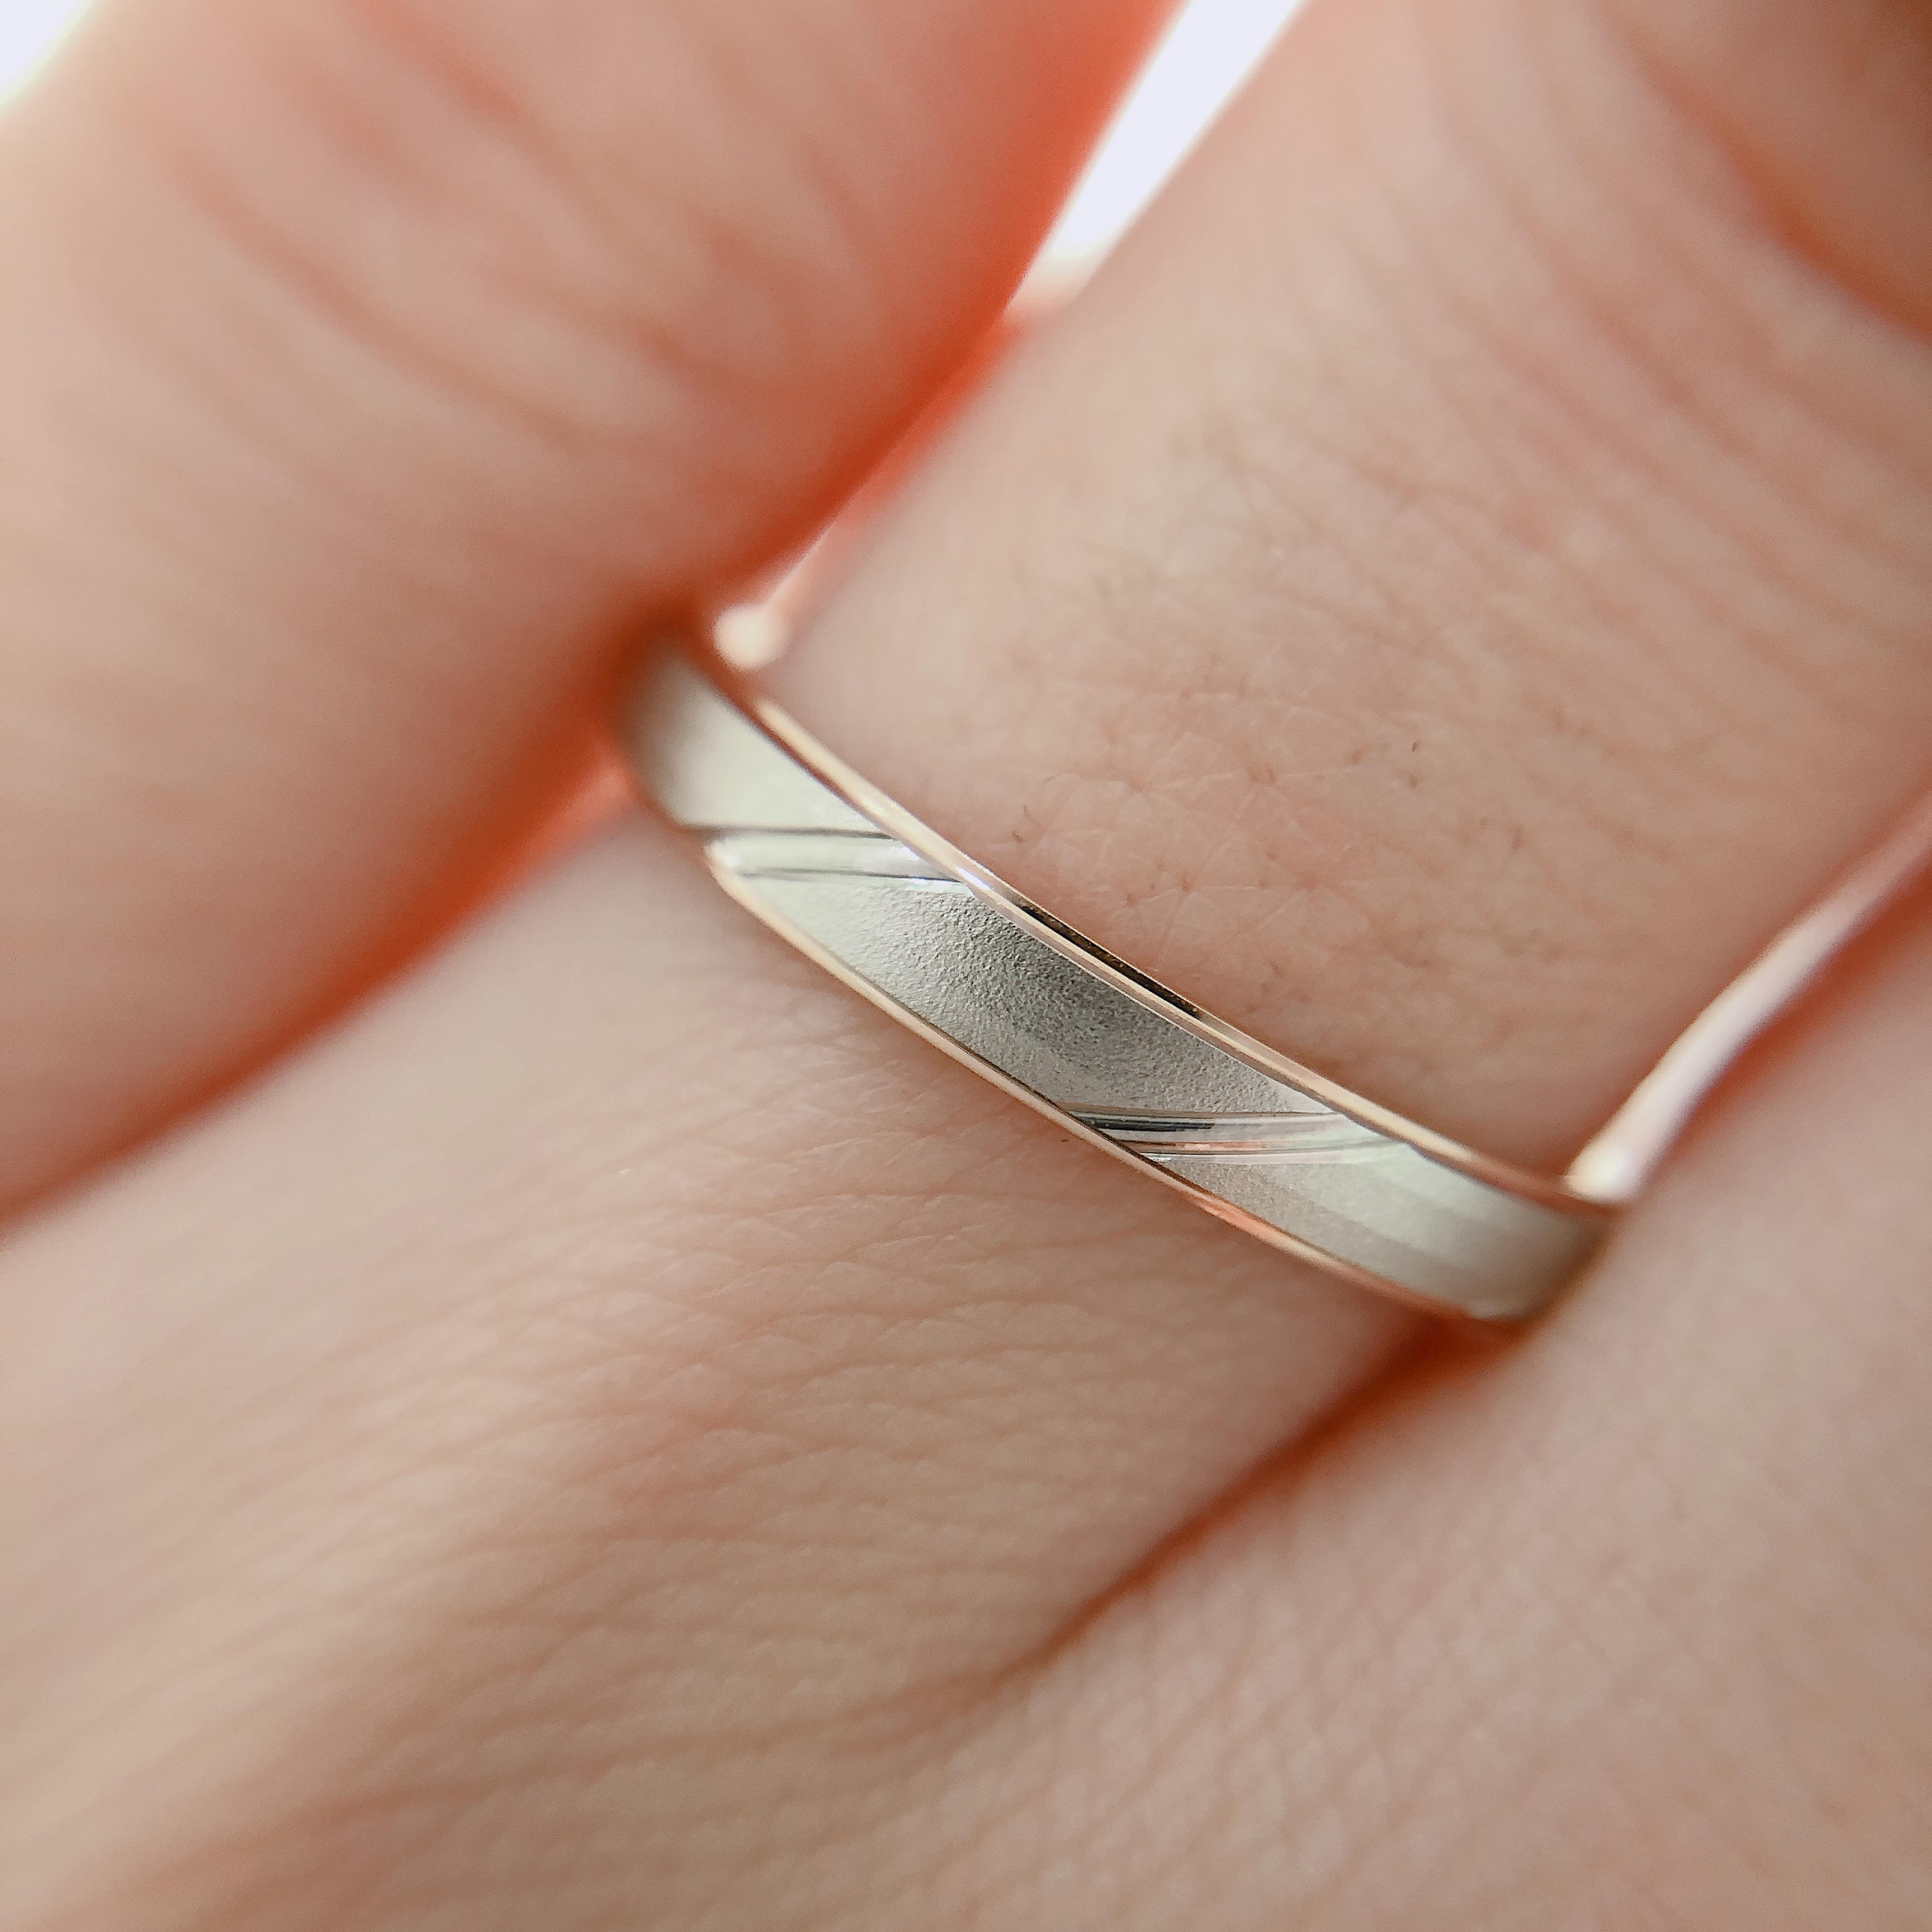 マットな表面に一筋の鏡面ラインがポイントの結婚指輪です